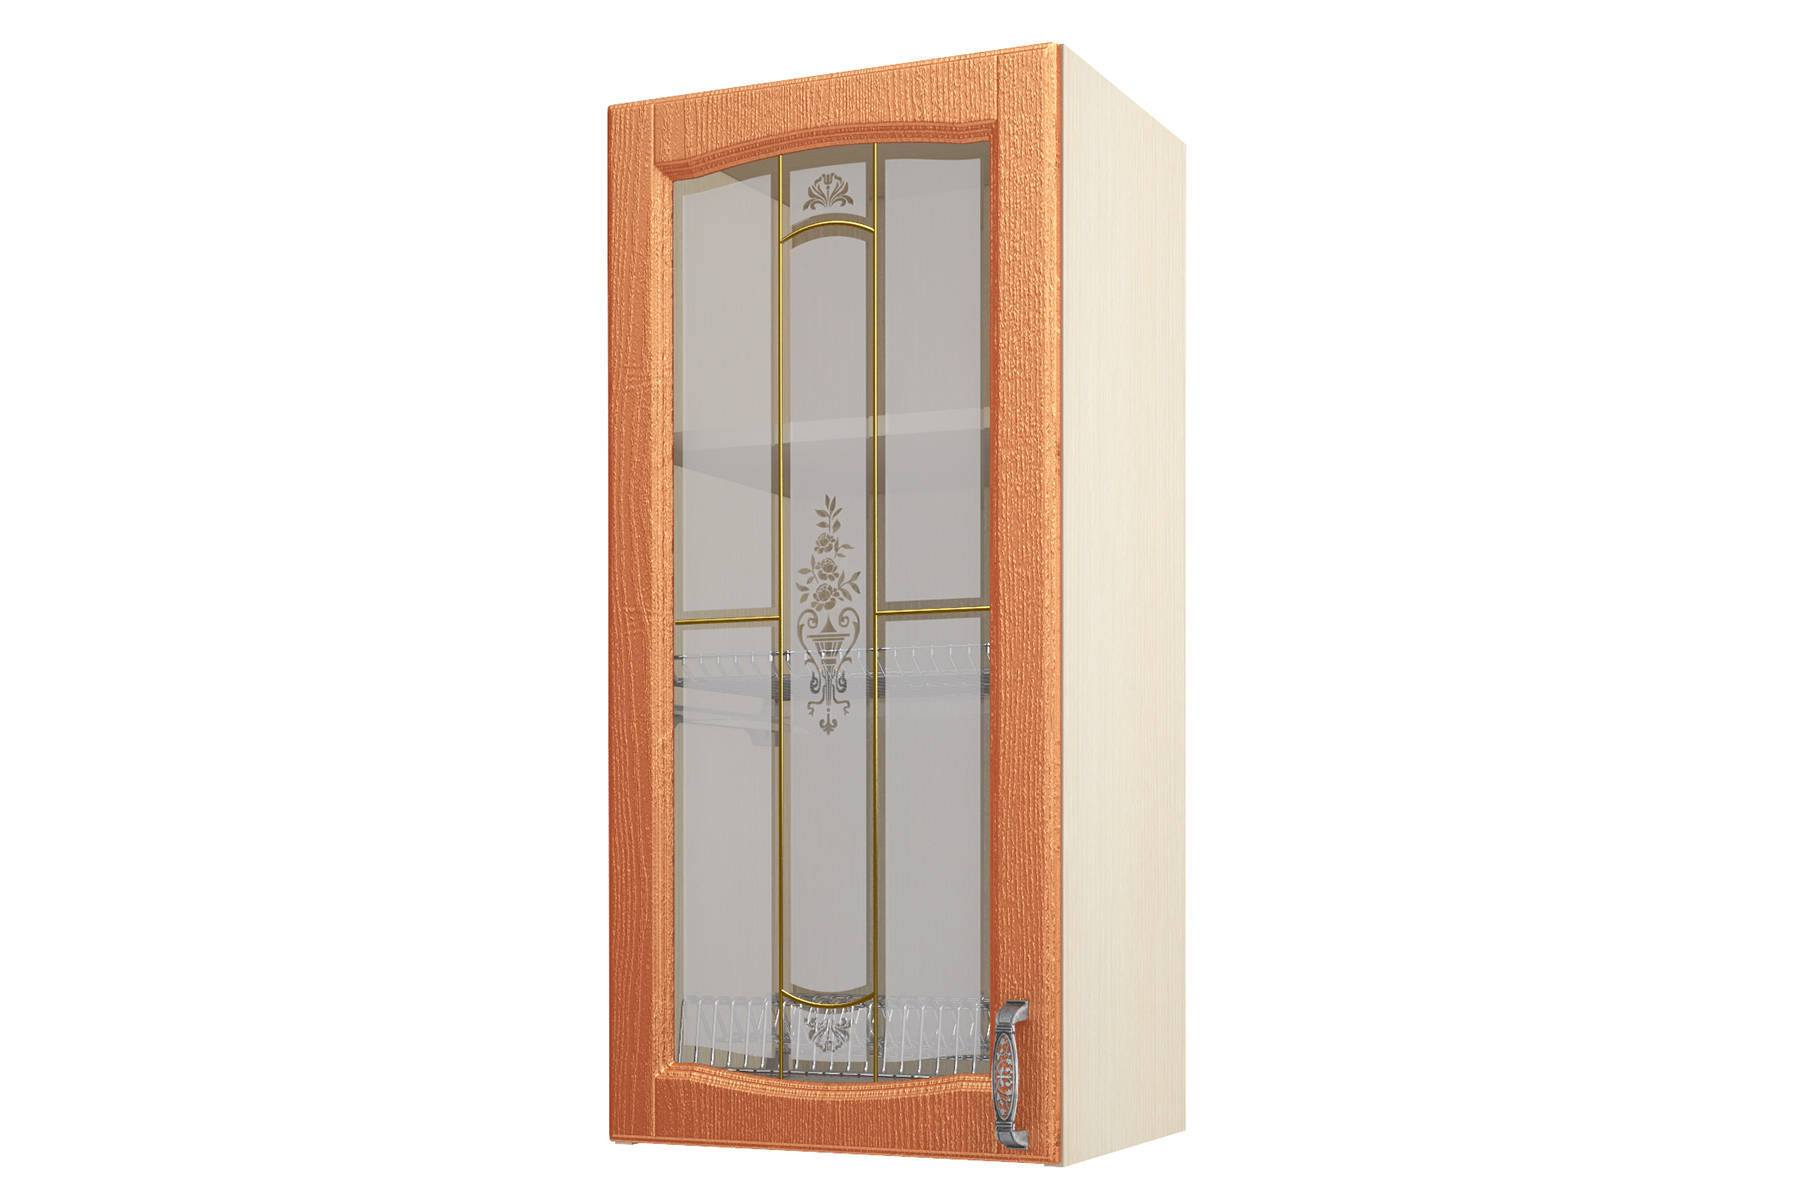 Равенна ART Шкаф-сушка-витрина 45 (Н-96), 1 дверь равенна шкаф сушка витрина 45